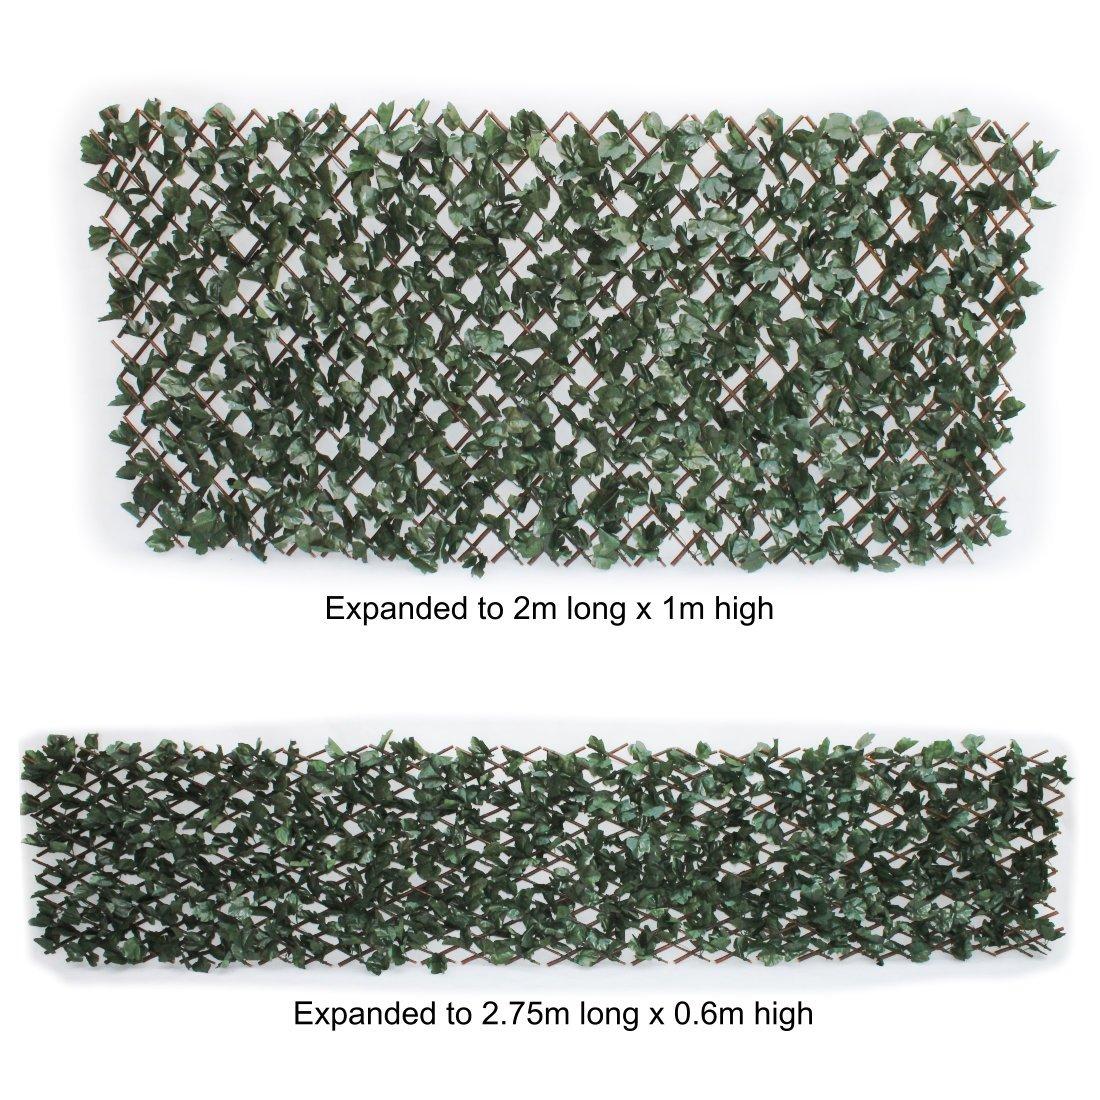 Amazon Künstliches Ahorn Efeu Rankgitter Sichtschutz 1 m x 2